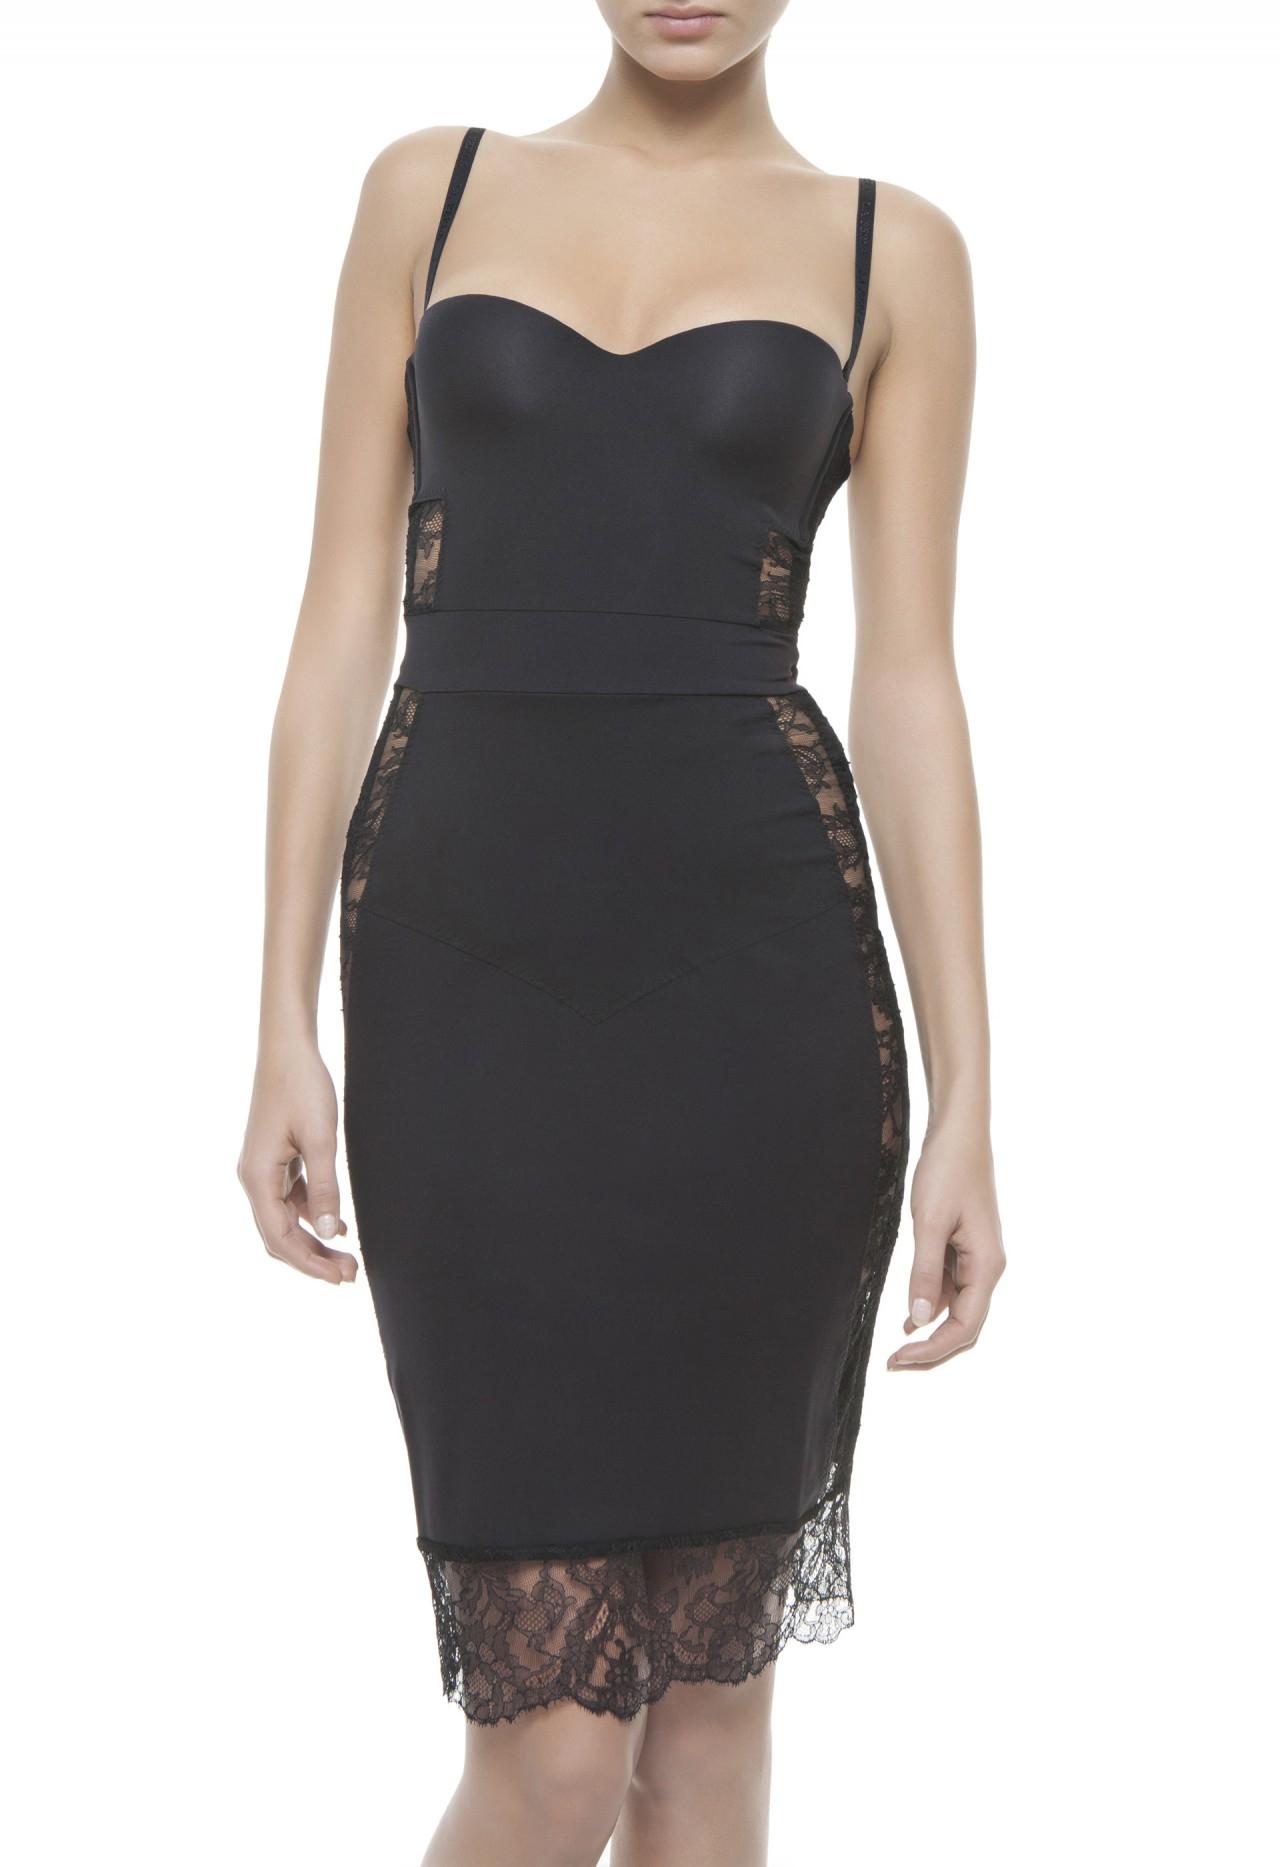 La Perla 2014 Fall Winter Lingerie Campaign Photos: La Perla Dresses In Black